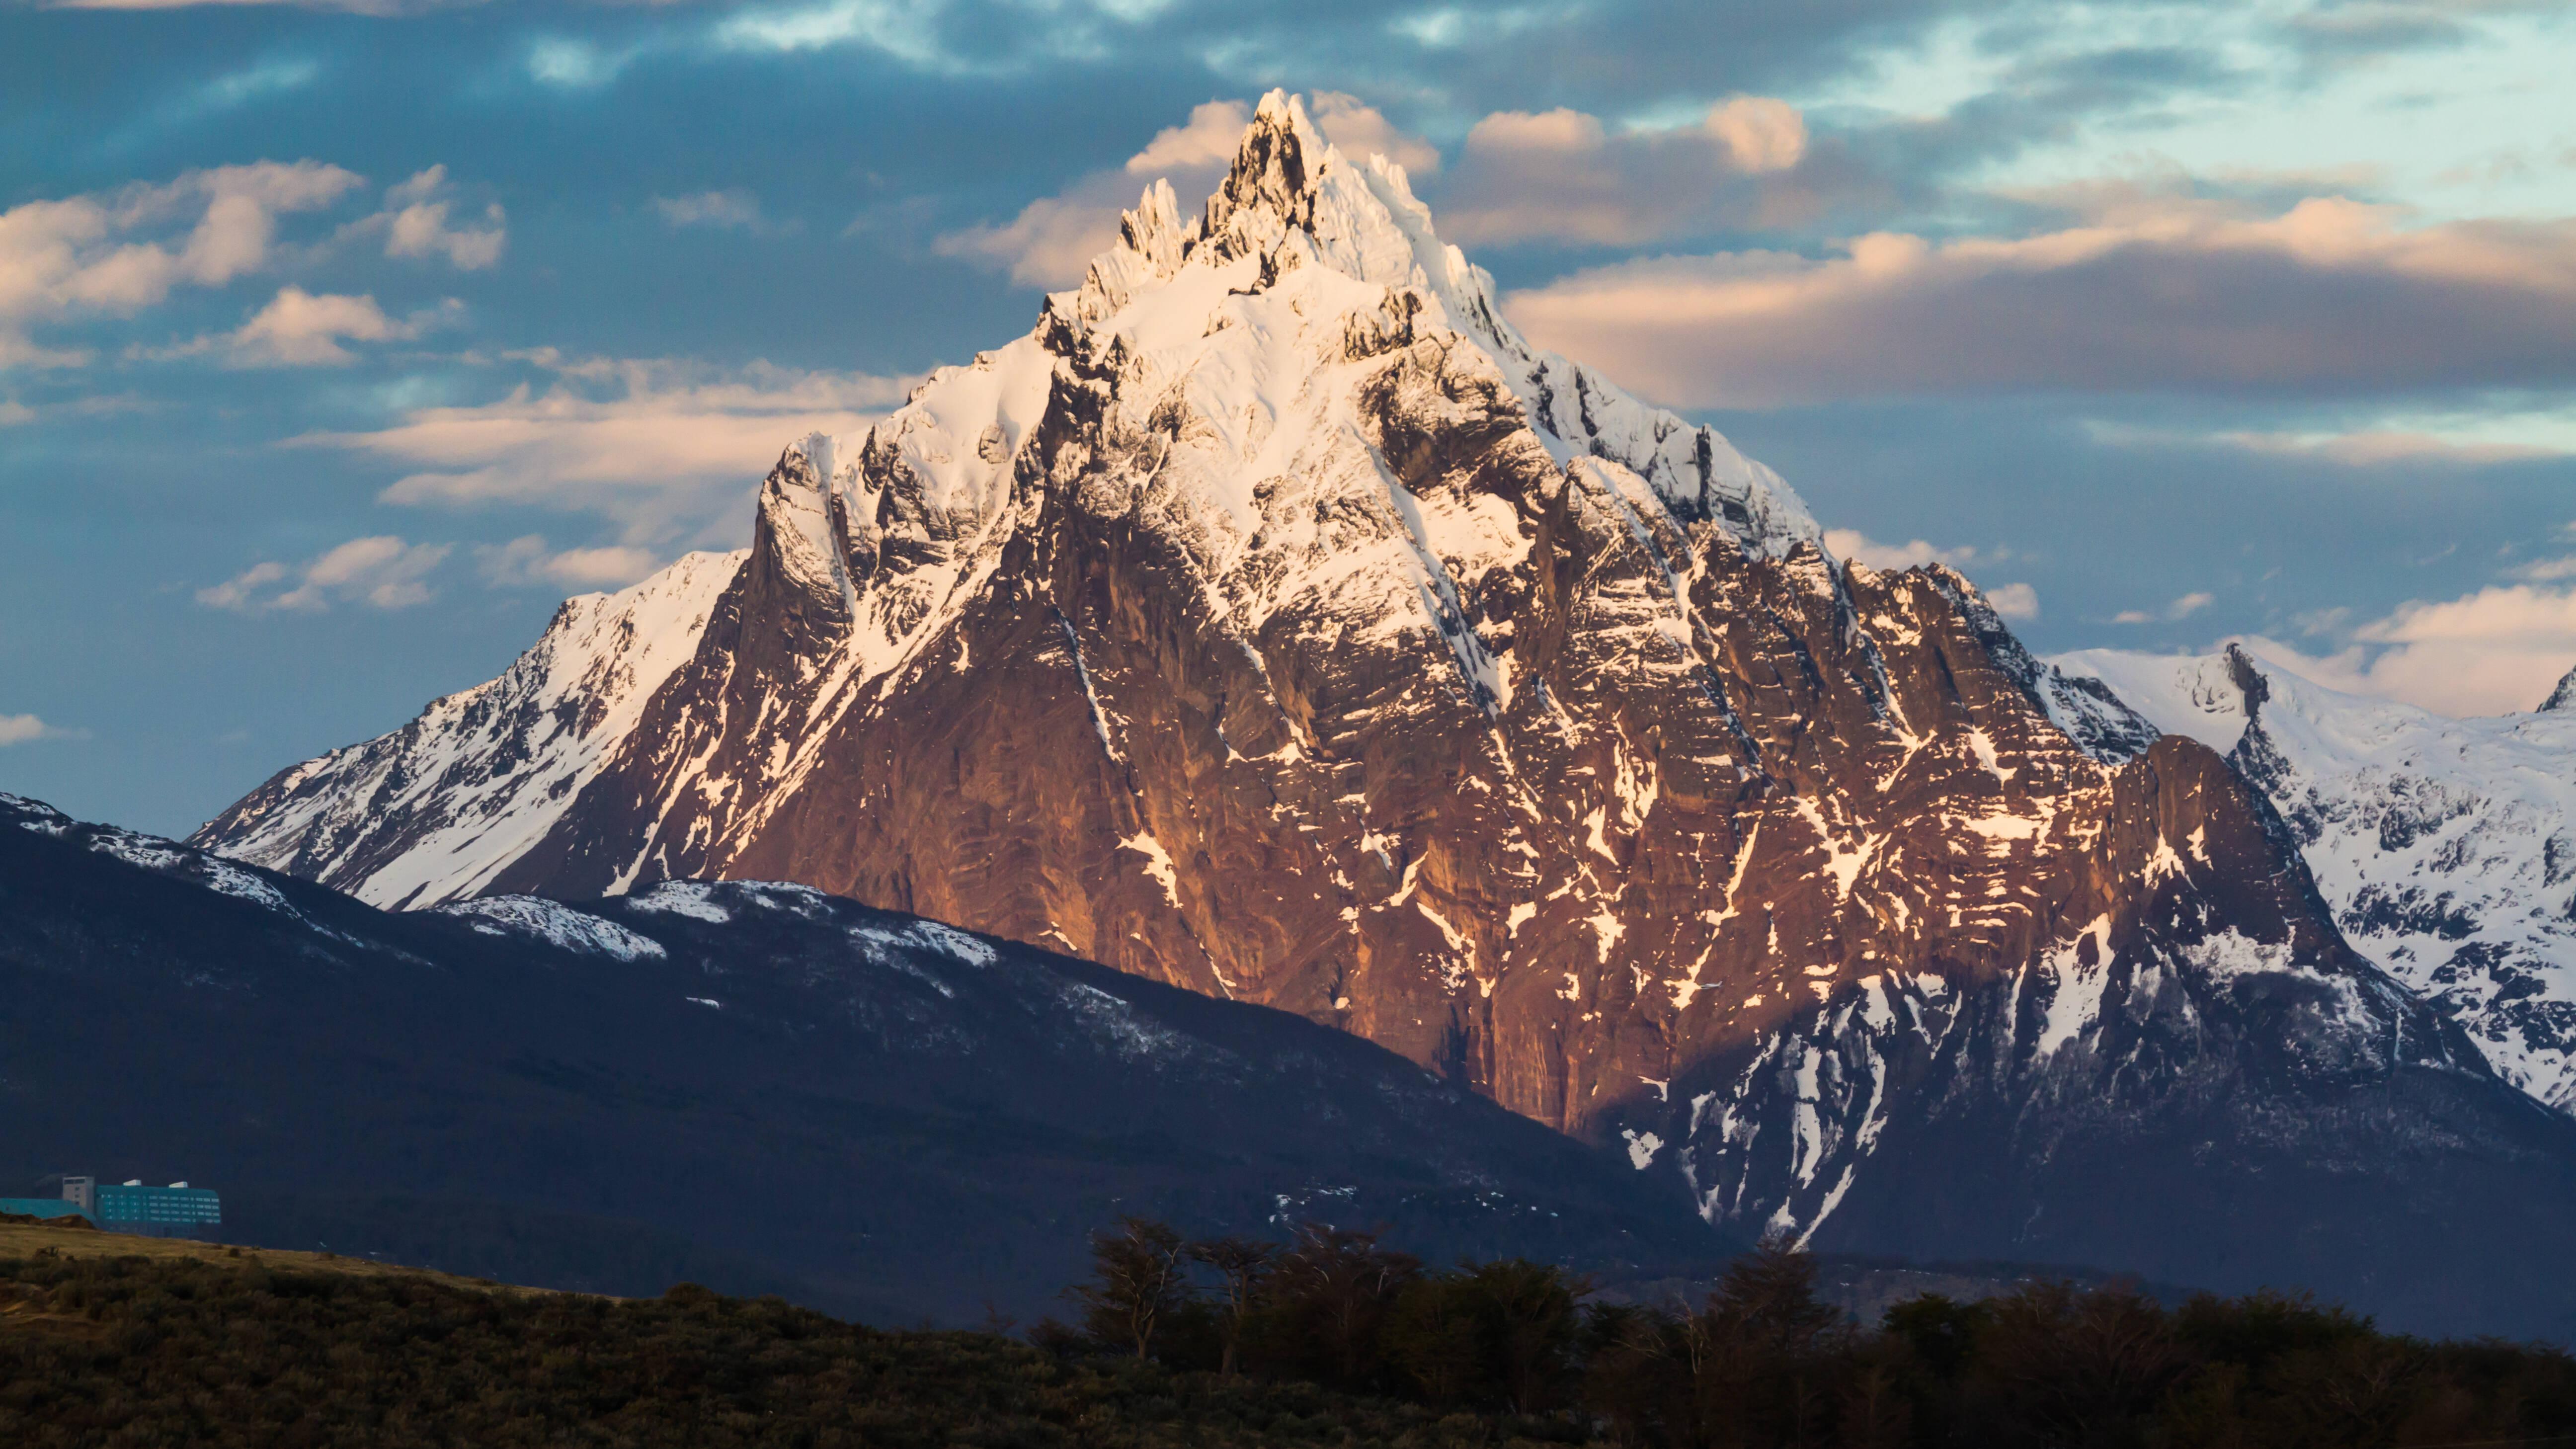 Com mais de 1,3 mil metros de altura, o Monte Olivia é a montanha mais alta da região de Ushuaia. Foto: shutterstock